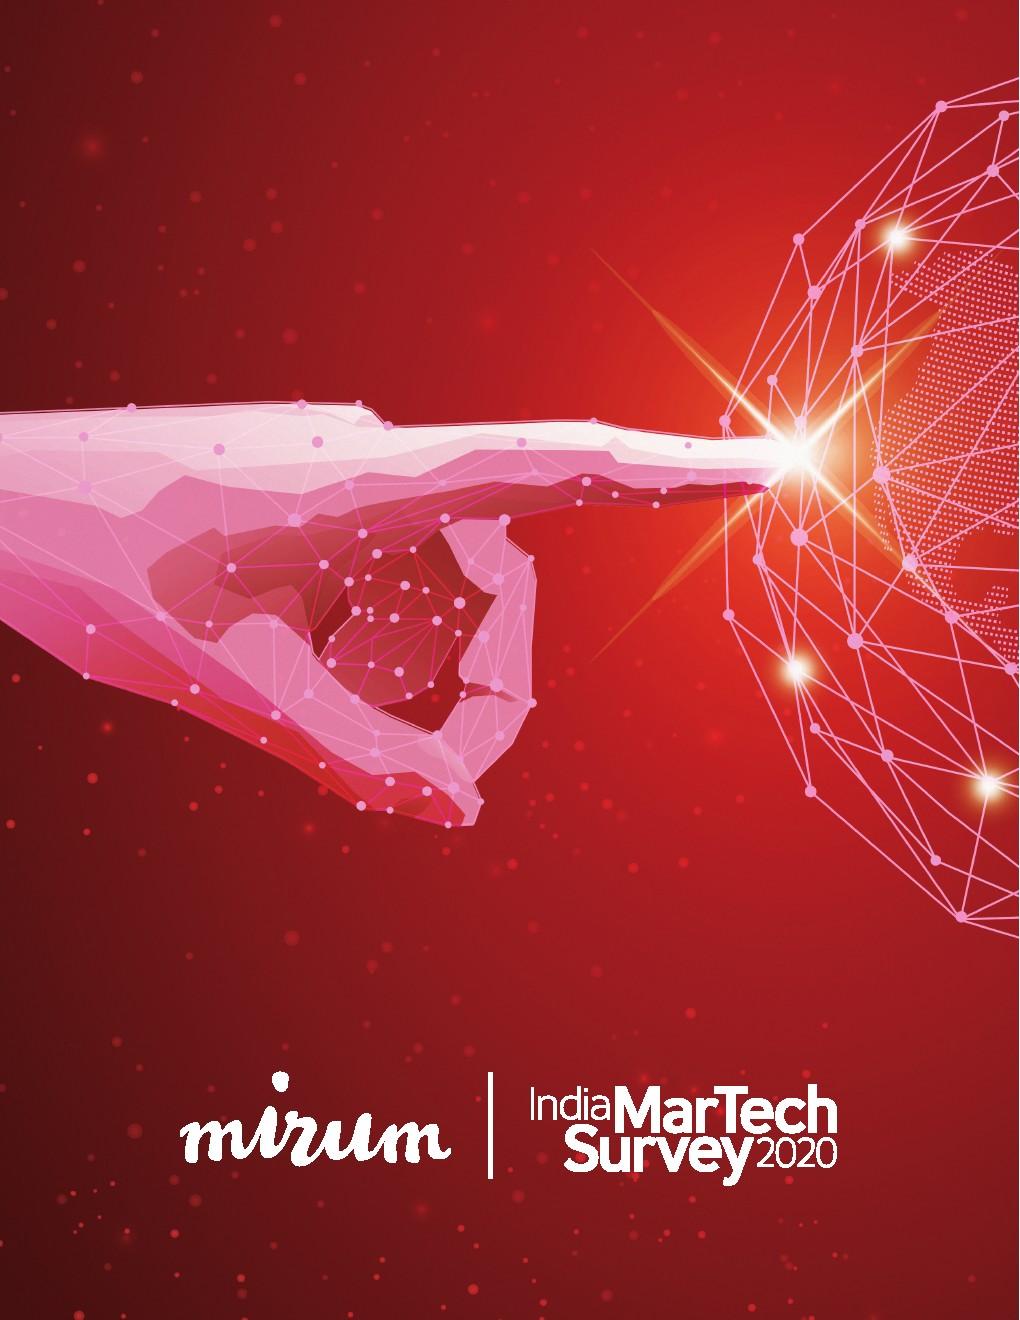 Mirium India:2020年印度营销科技调查